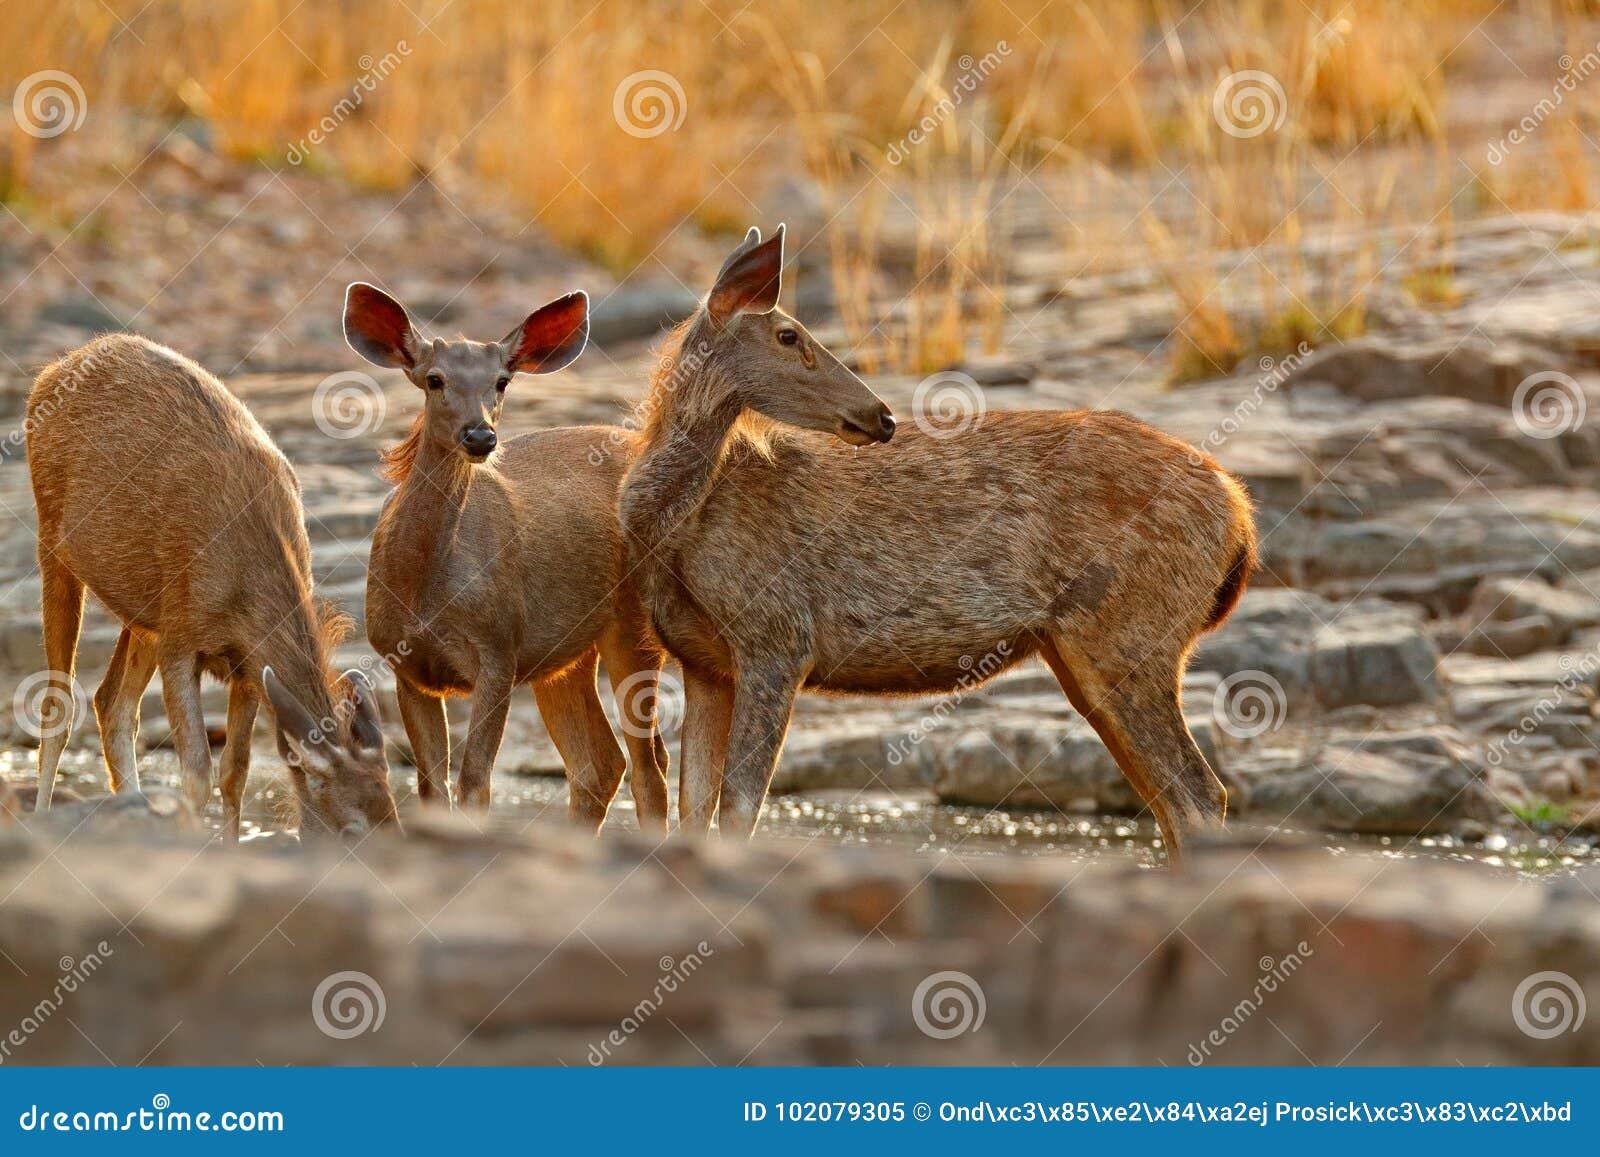 Sambarherten, het éénkleurige, grote dierlijke, Indische subcontinent van Rusa, China, aardhabitat Blaasbalg majestueus krachtig